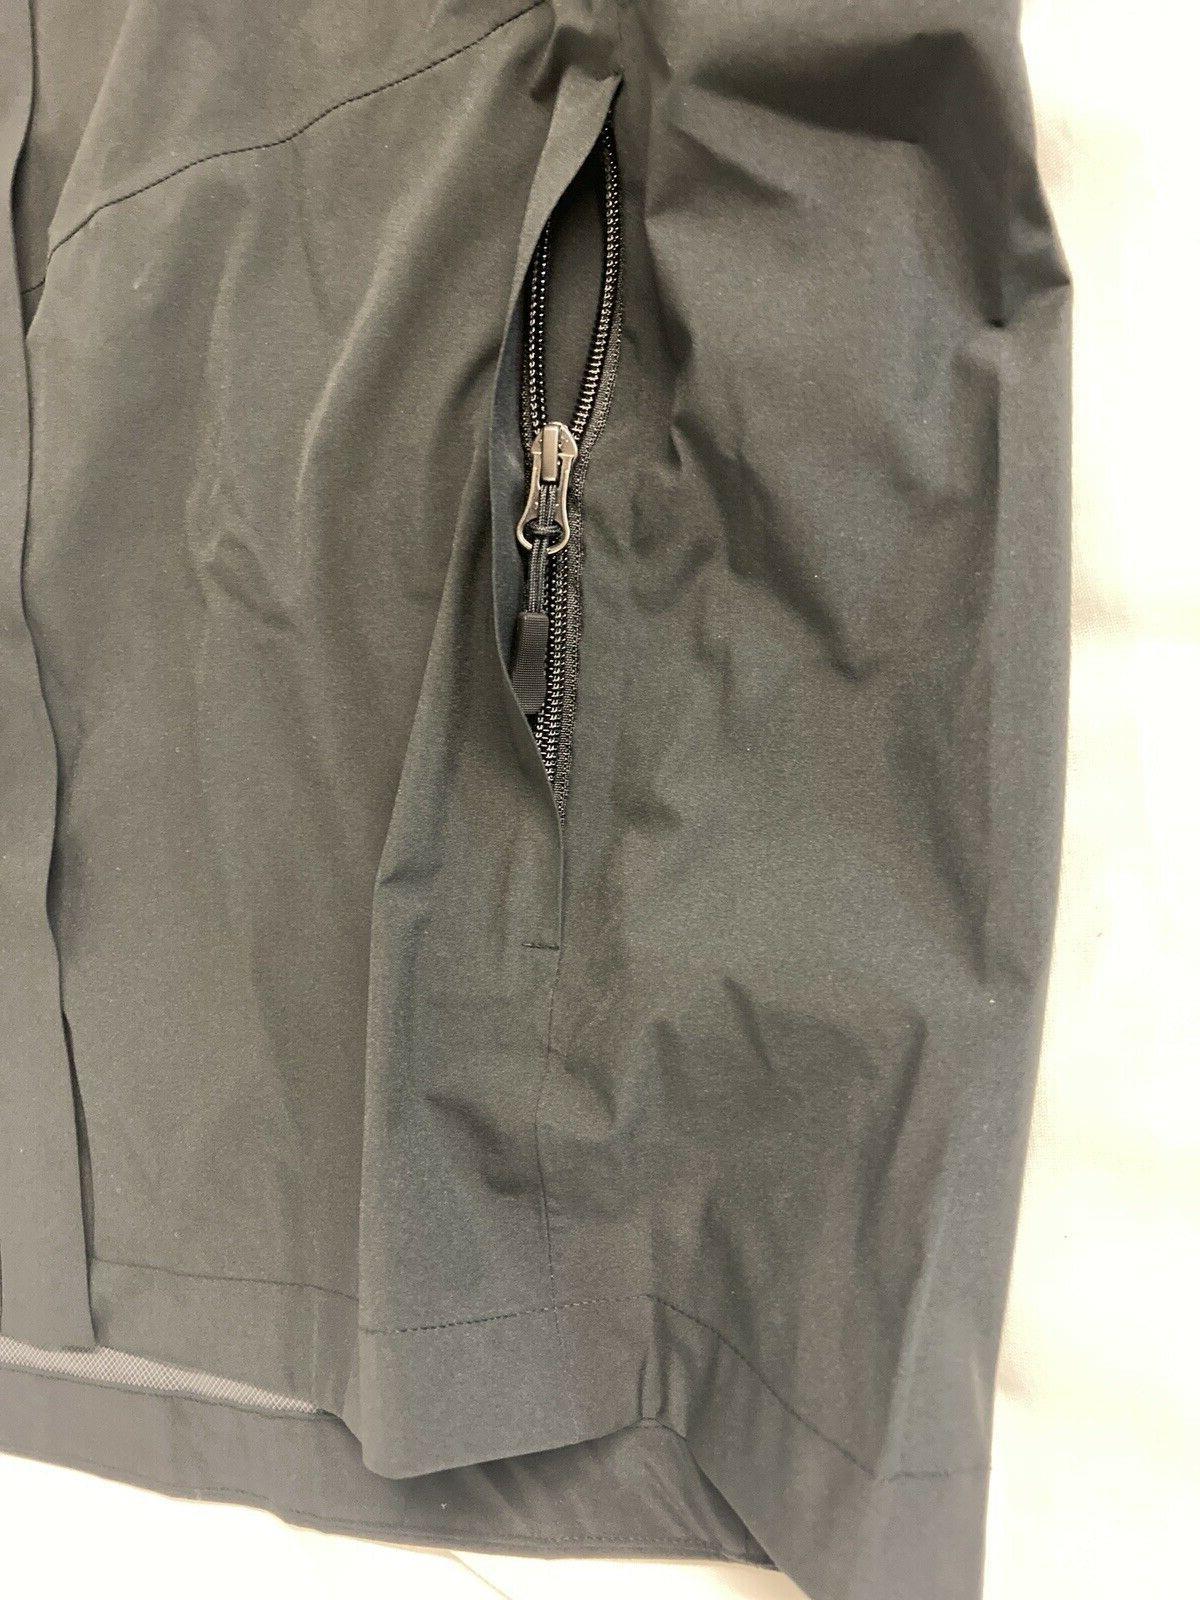 NWT 32 Men's Performance Jacket Black Medium NEW